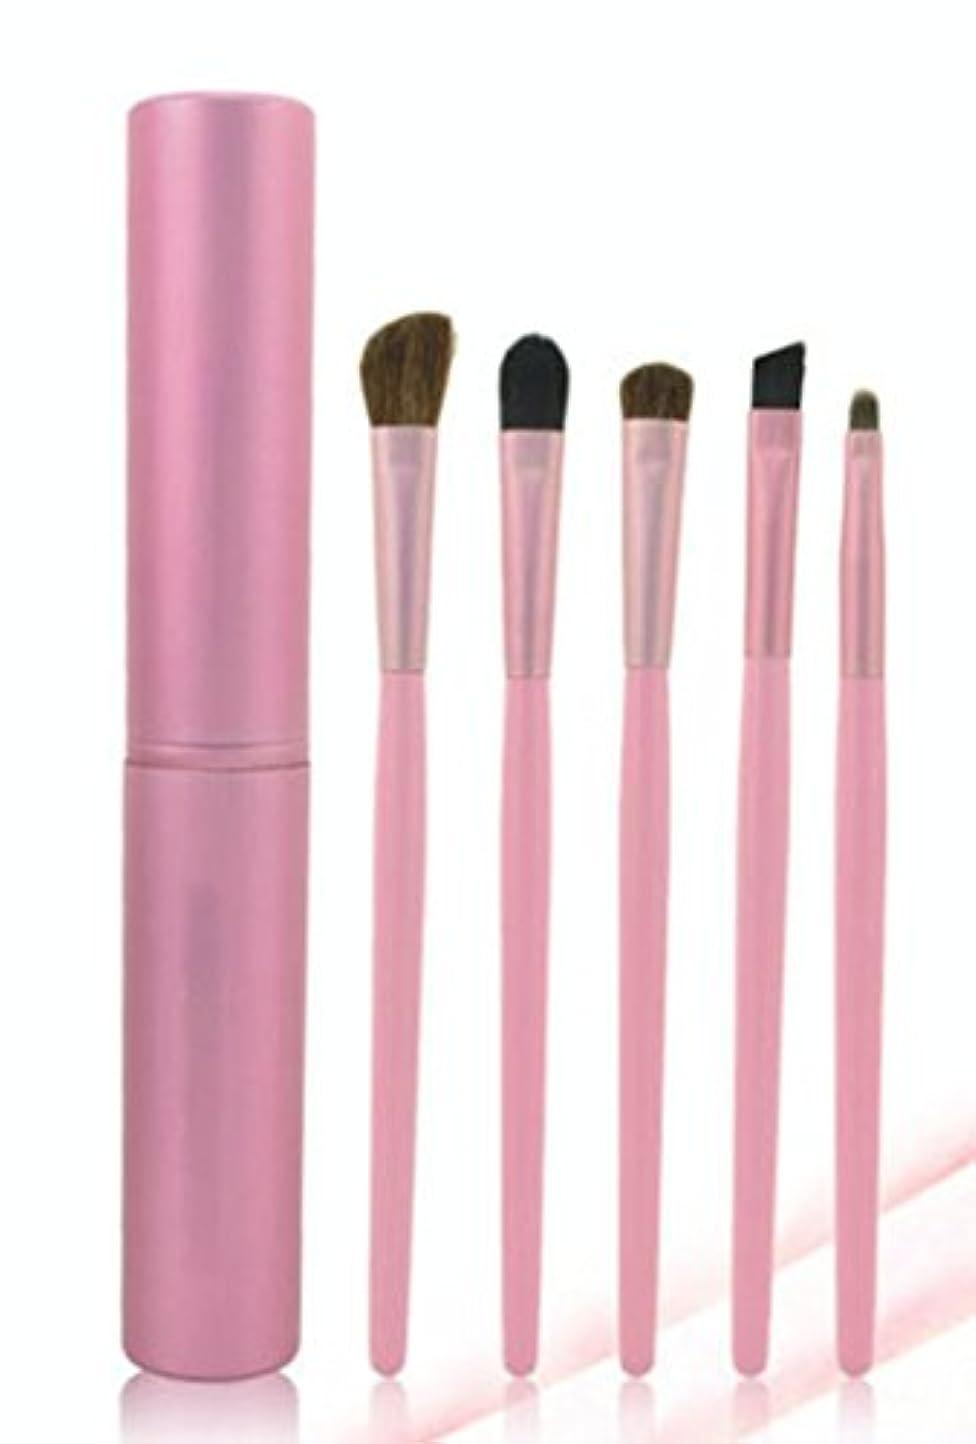 不従順イタリック鷲NN.HRD メイクブラシ セット 柔らか やさしい肌触り おしゃれな チューブ ケース makeup brush set (ピンク 5set)